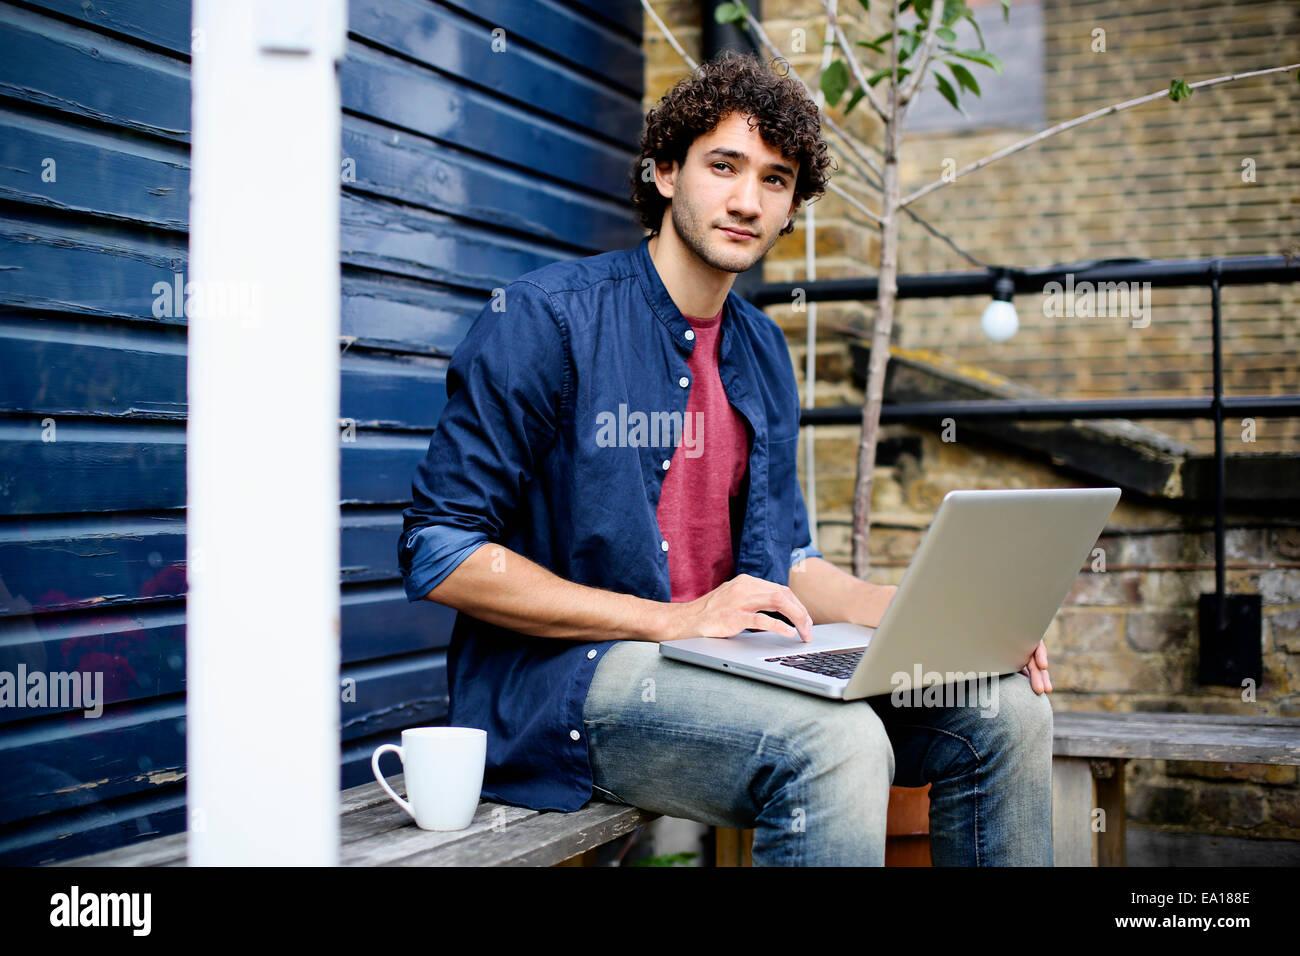 Man using laptop on bench - Stock Image